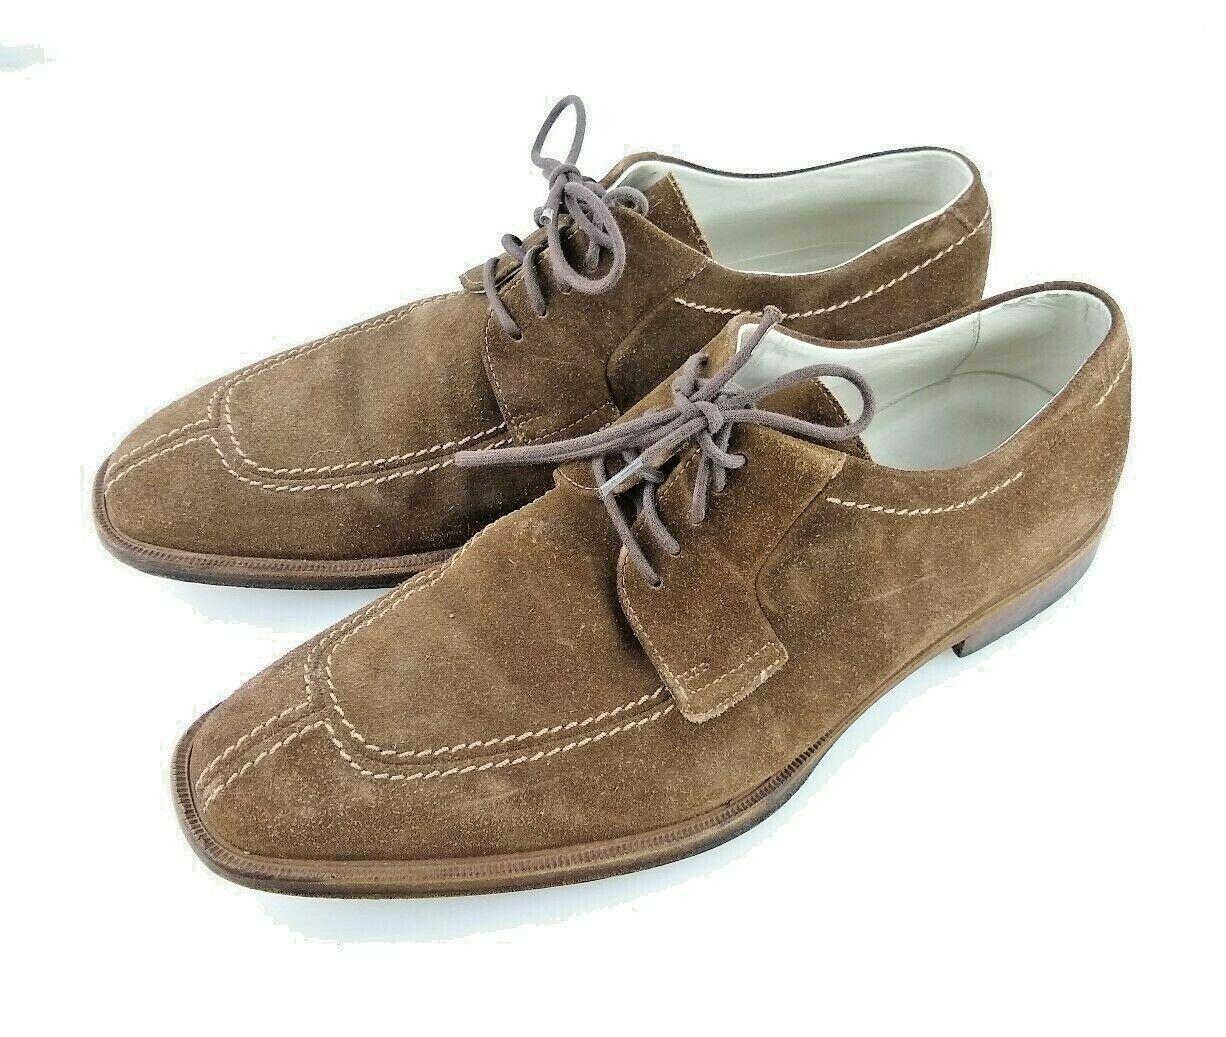 classico senza tempo Hugo Boss Split Toe ITALY Marrone Snuff Snuff Snuff Suede Leather Oxford Uomo Derby scarpe 8.5  offrendo il 100%